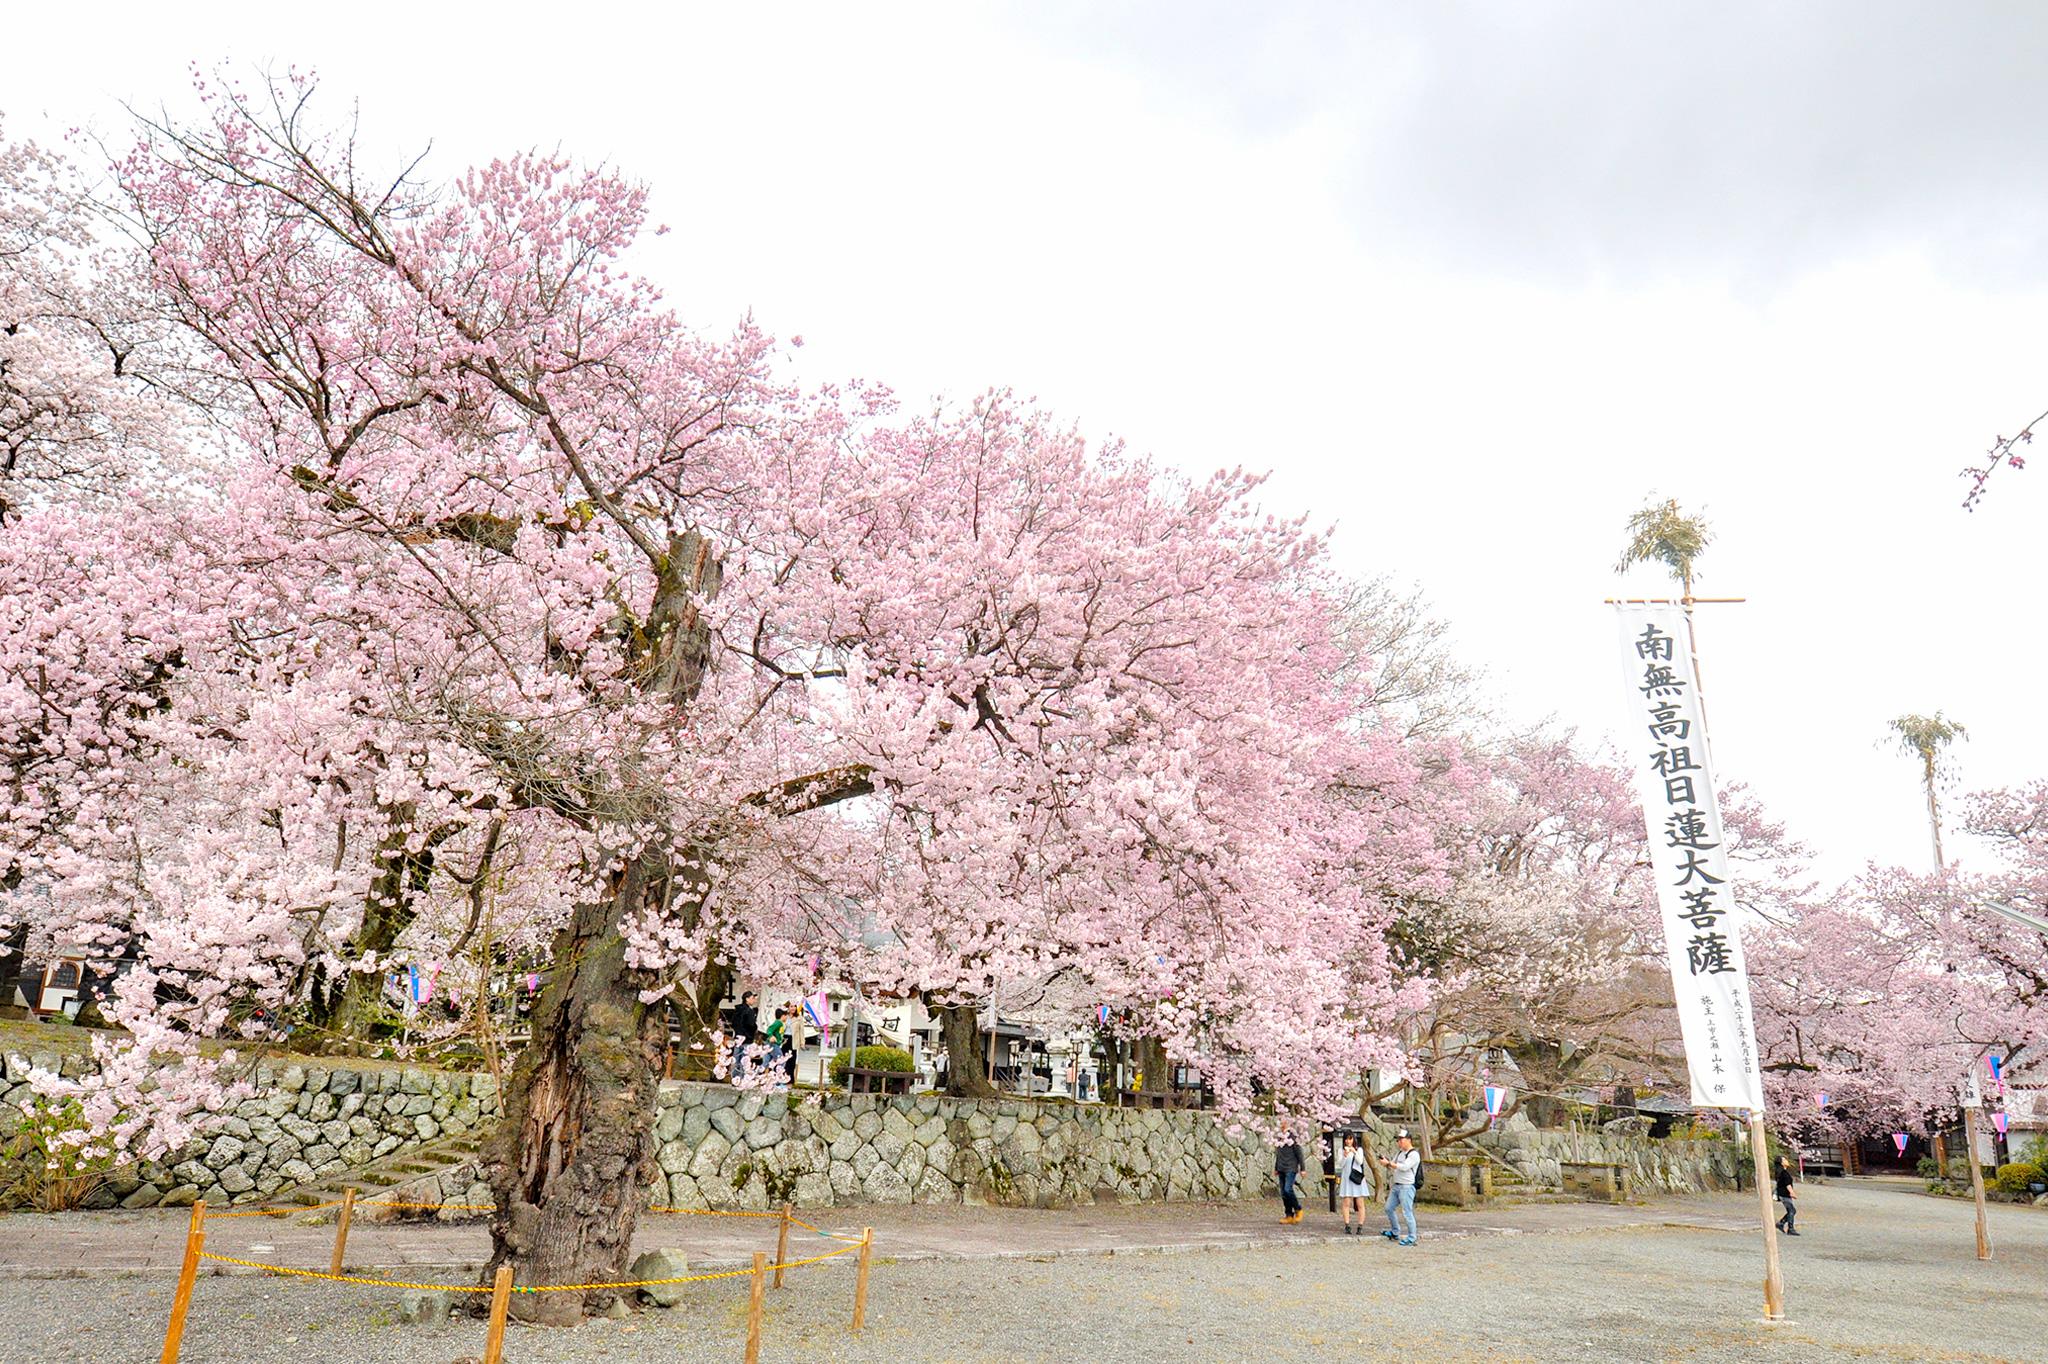 妙了寺の桜 写真4